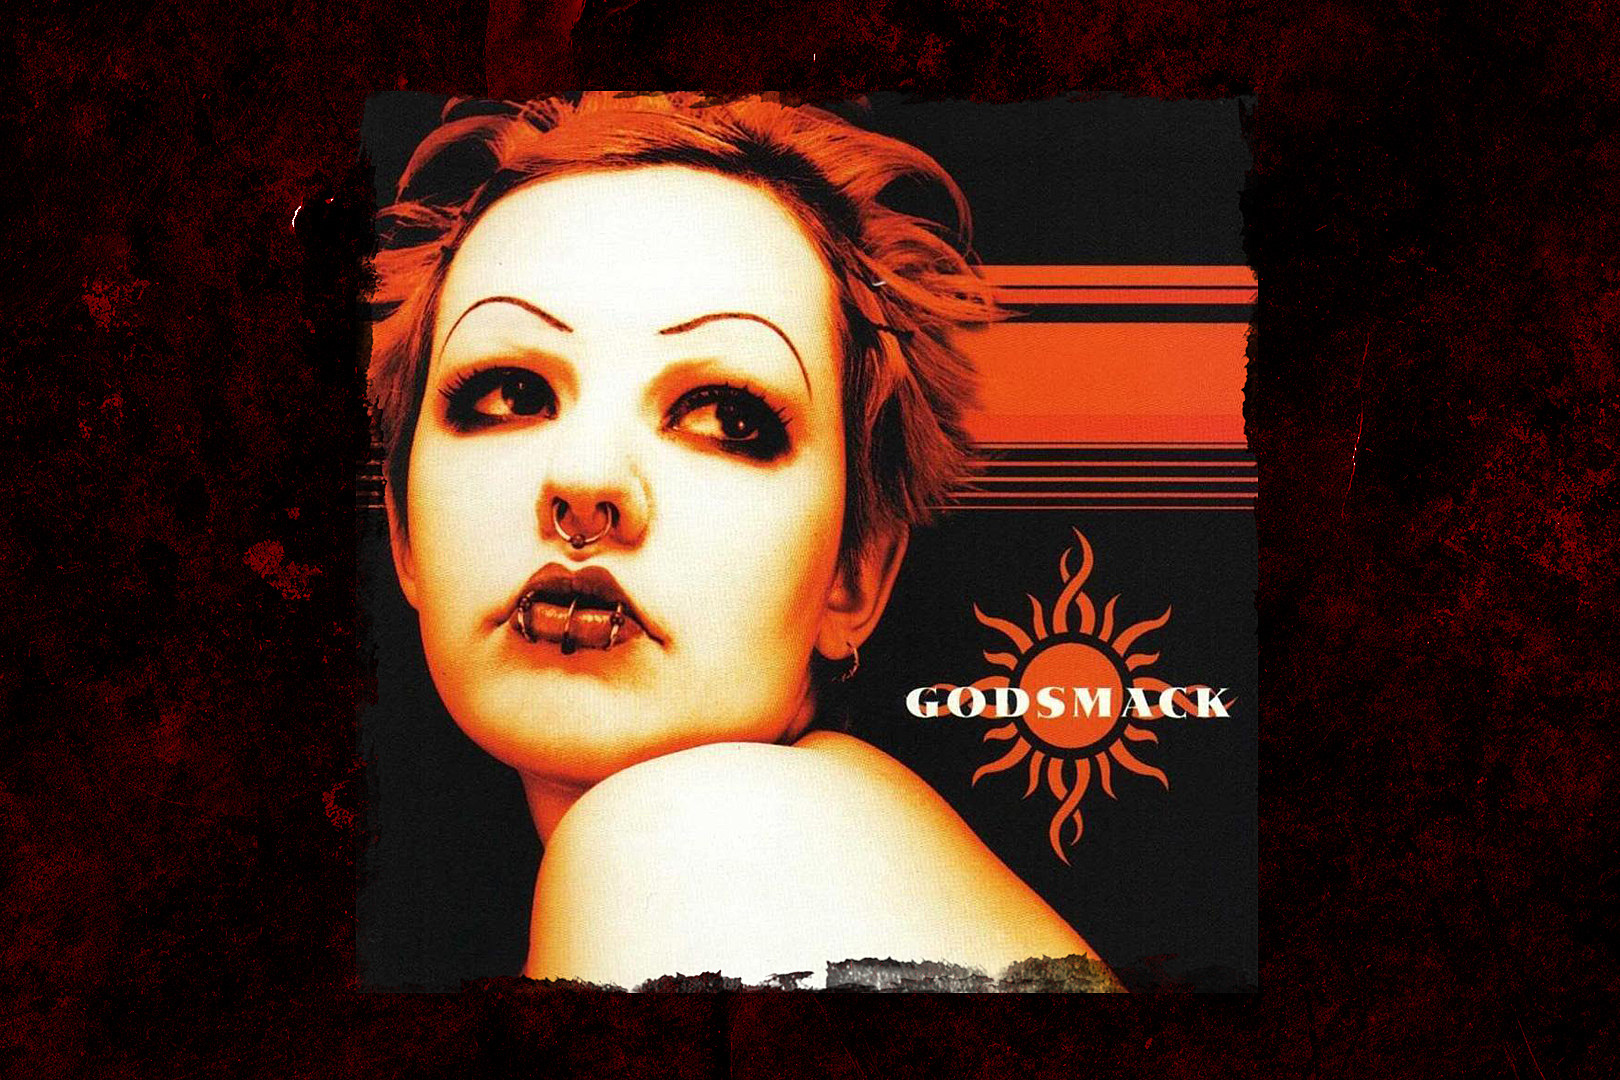 10 Best Godsmack Songs